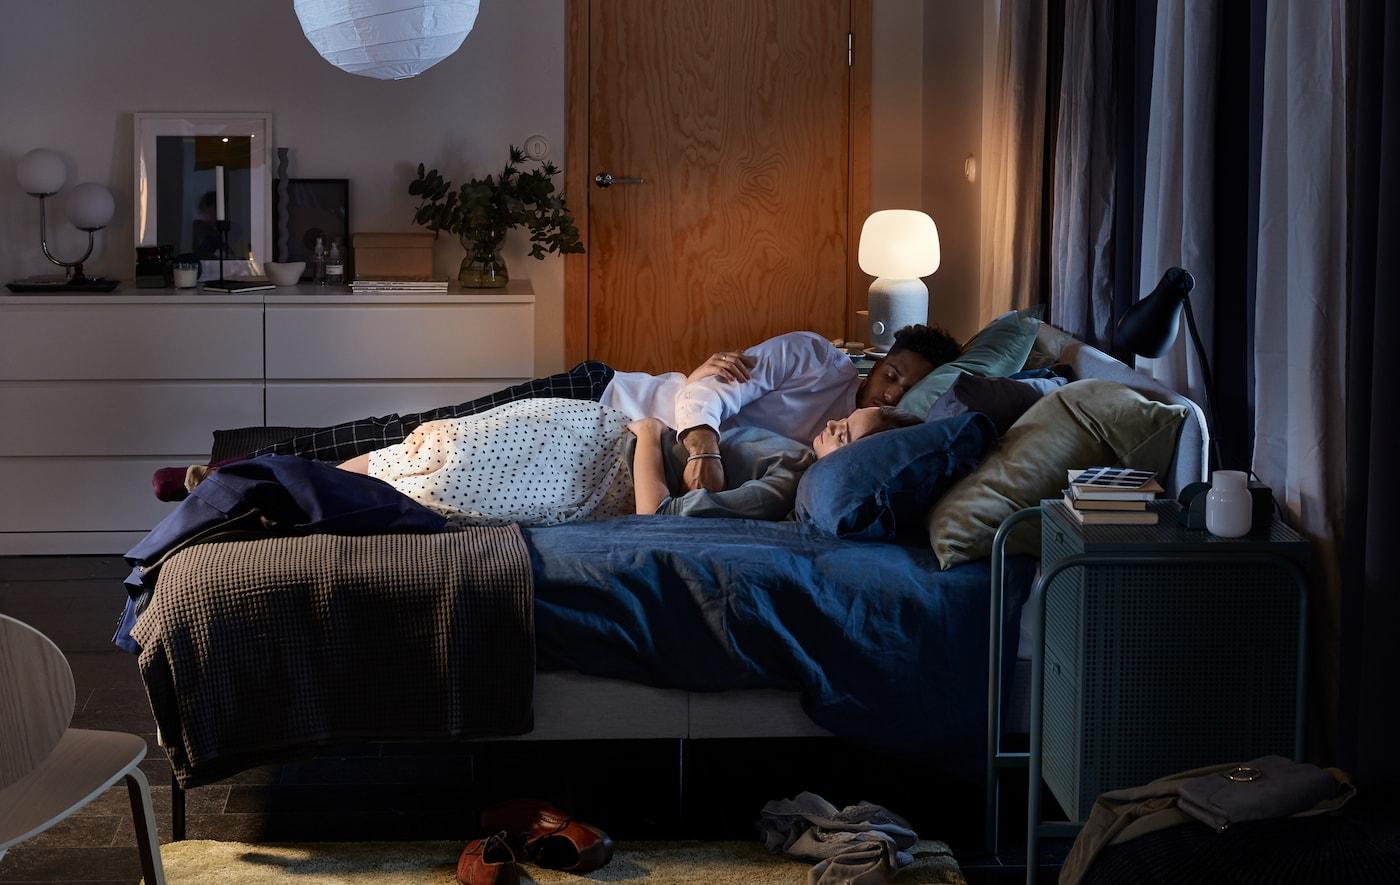 Egy pár egymást átölelve fekszik egy SLATTUM kárpitozott ágyban, a háttérben egy SYMFONISK lámpa/hangszóró világít.